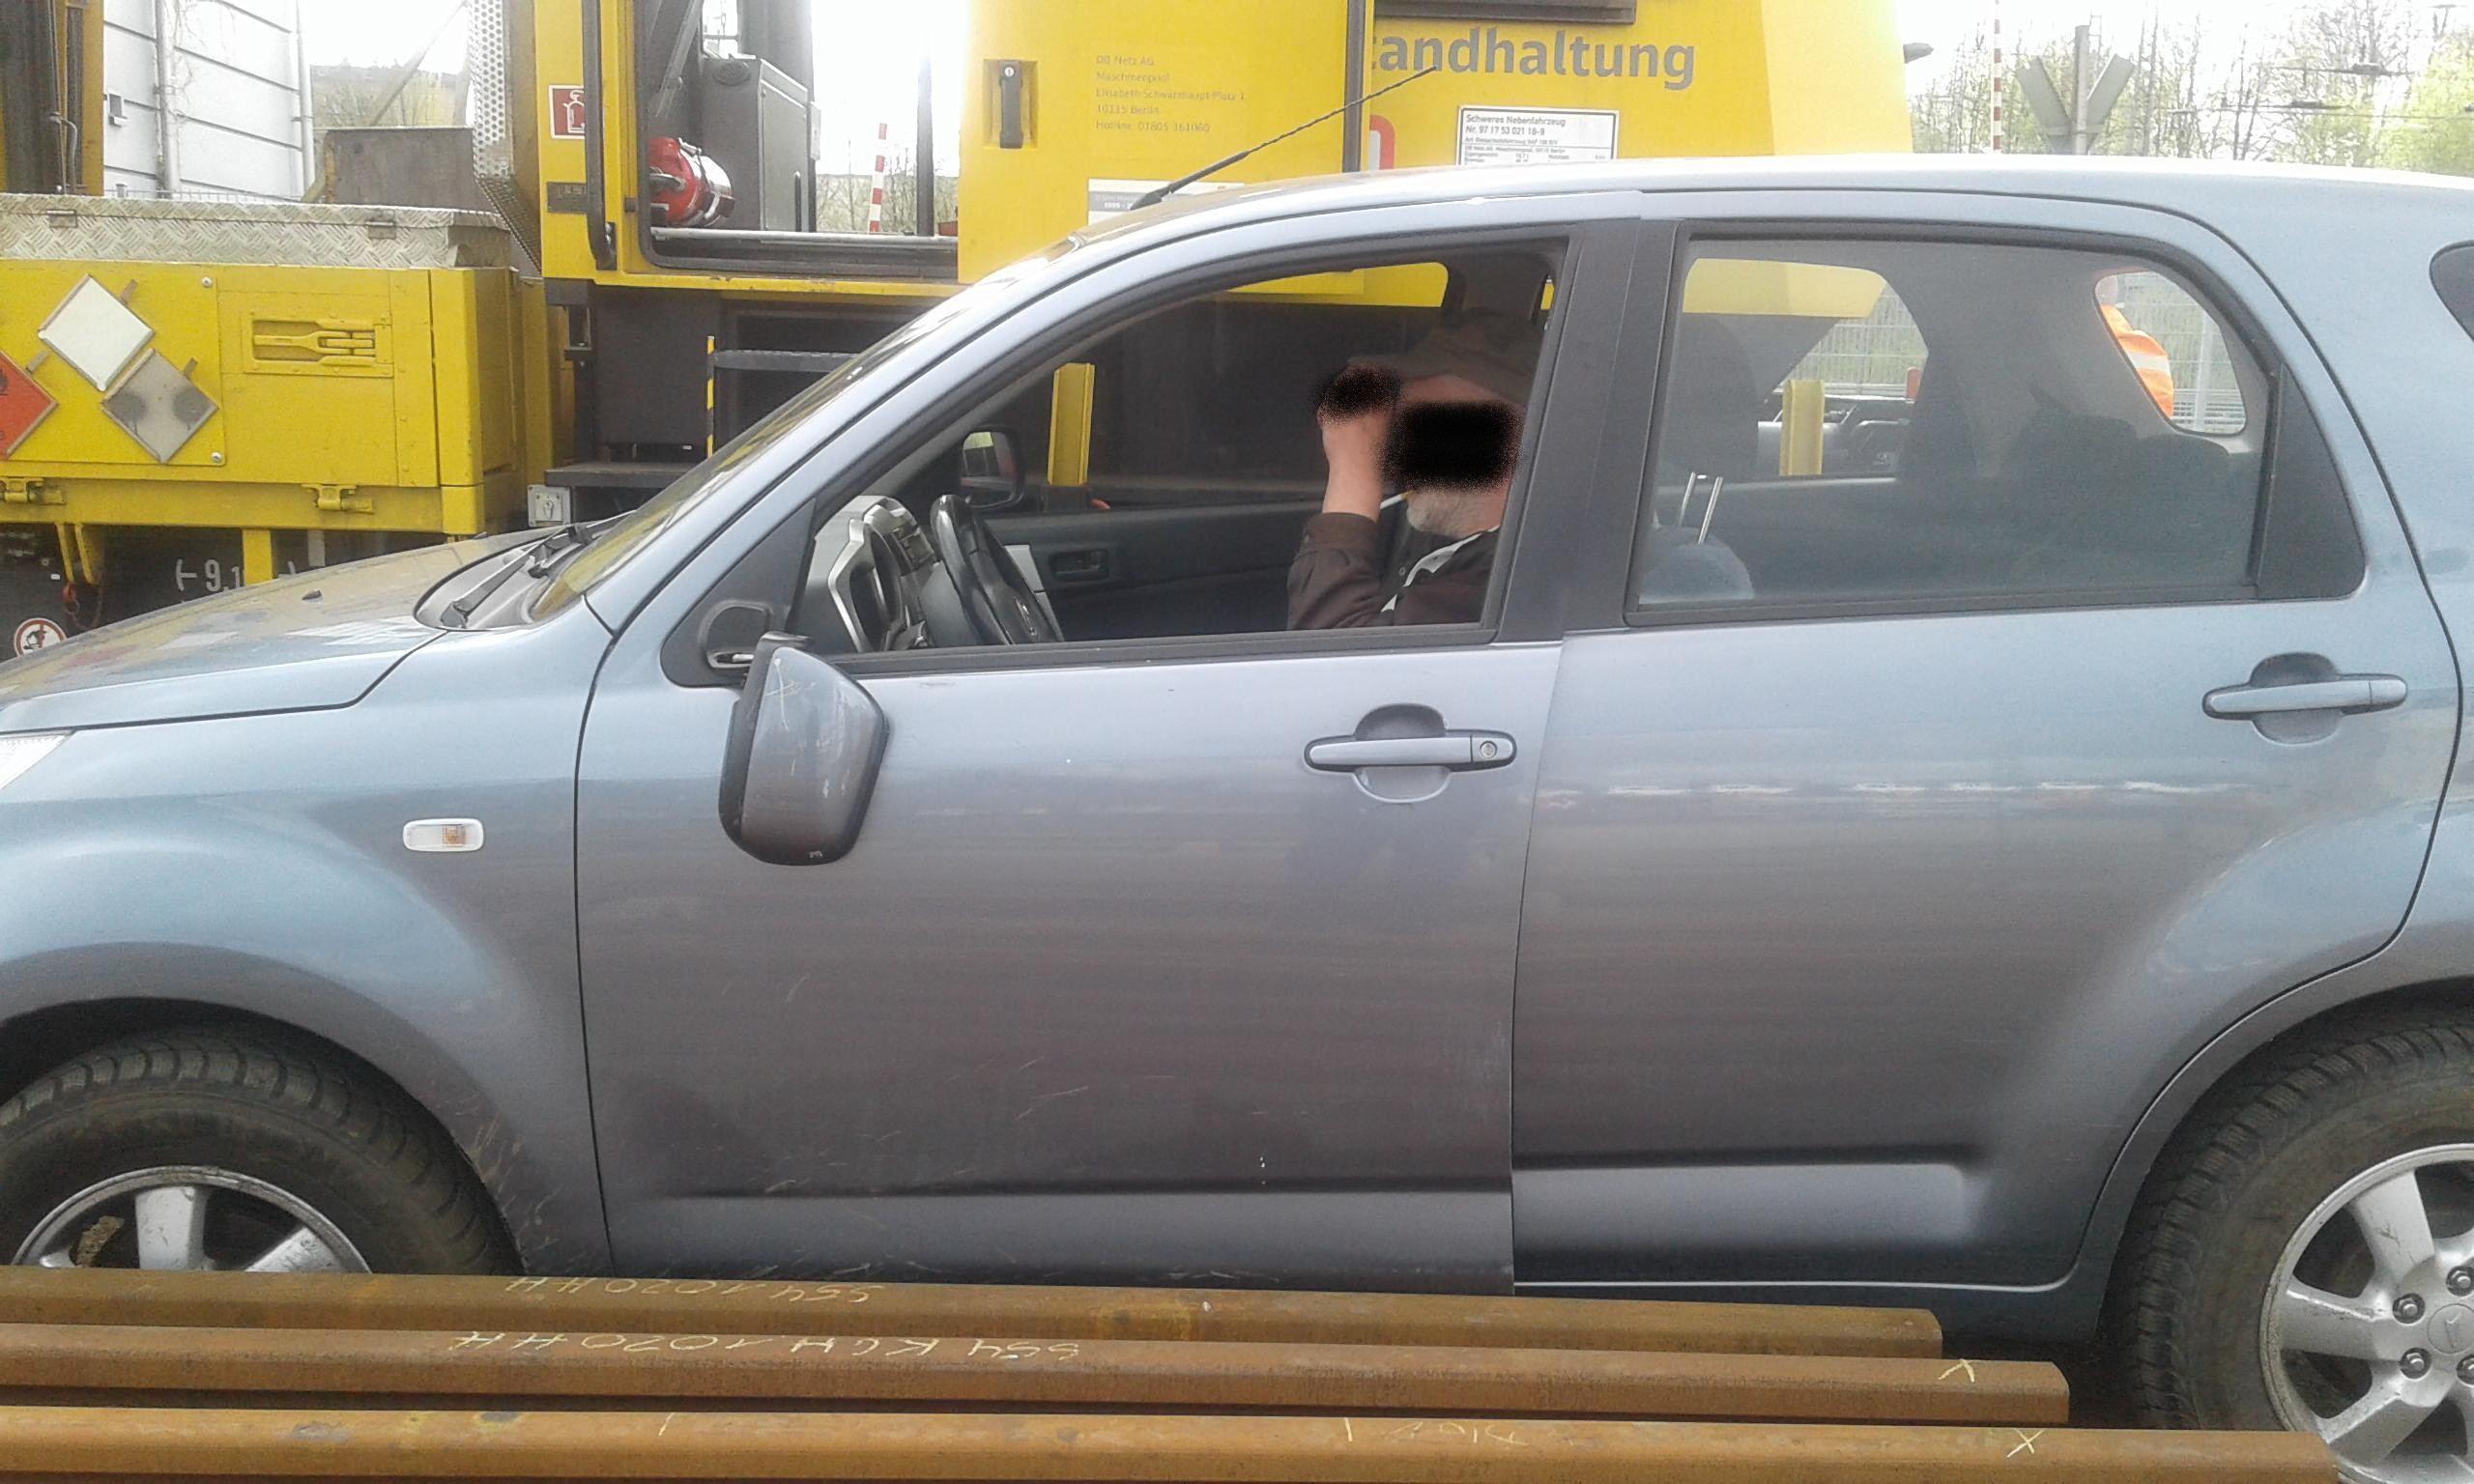 Kuriose Szene: Polizisten finden den festgefahrenen PKW samt Fahrer vor. Foto: Bundespolizei